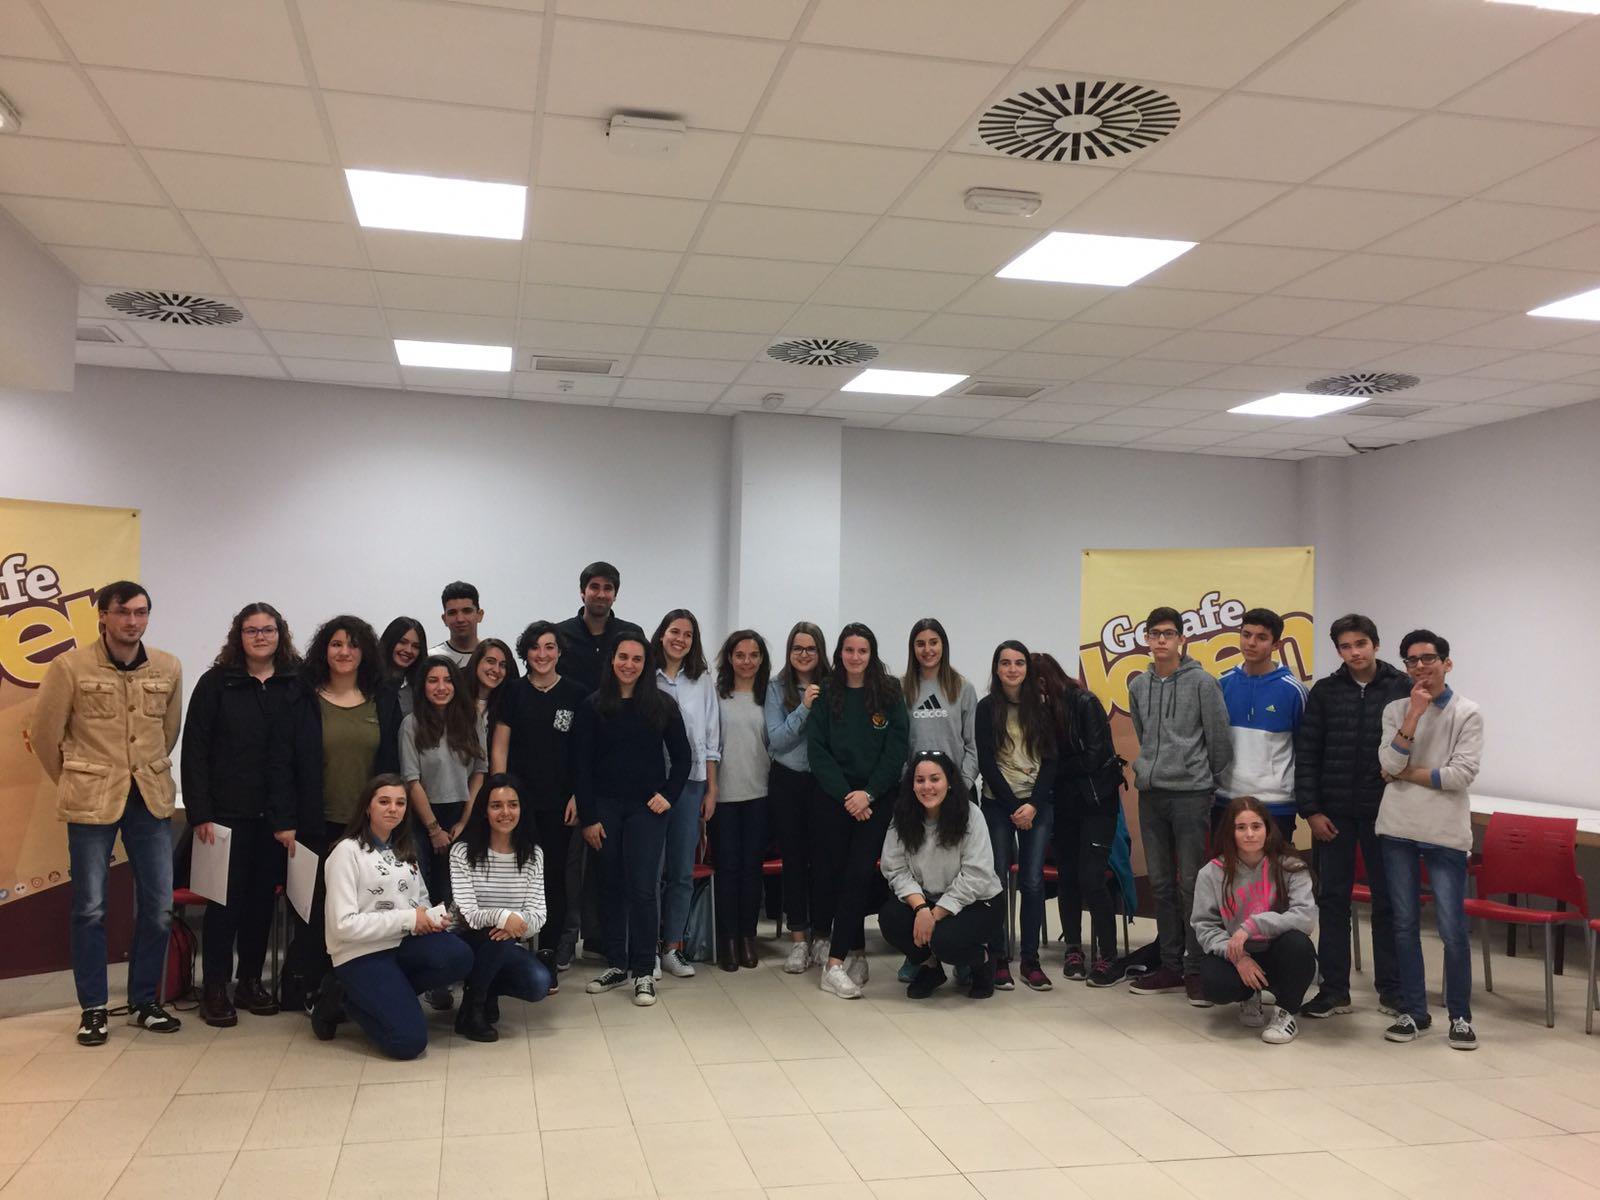 La alcaldesa de Getafe se reúne con los corresponsales juveniles del programa 'Enrédate'